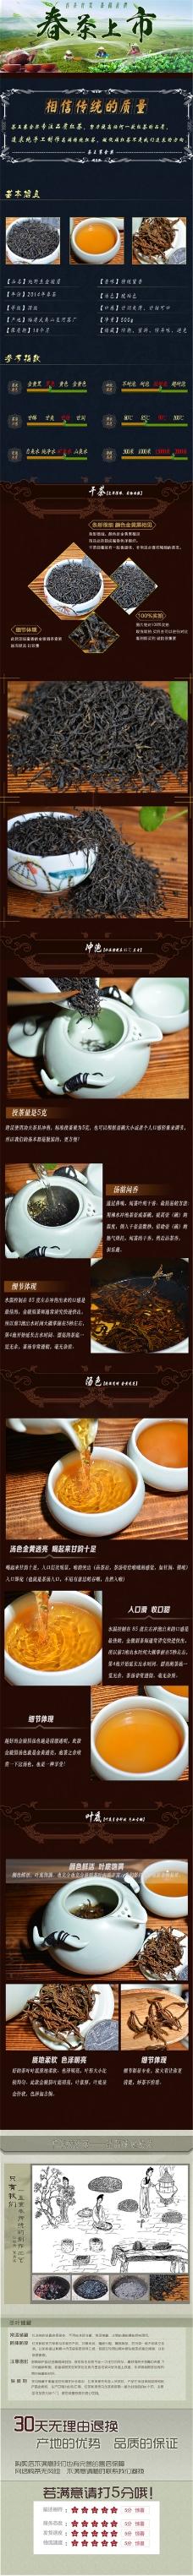 春茶上市 茶详情页PSD免费下载